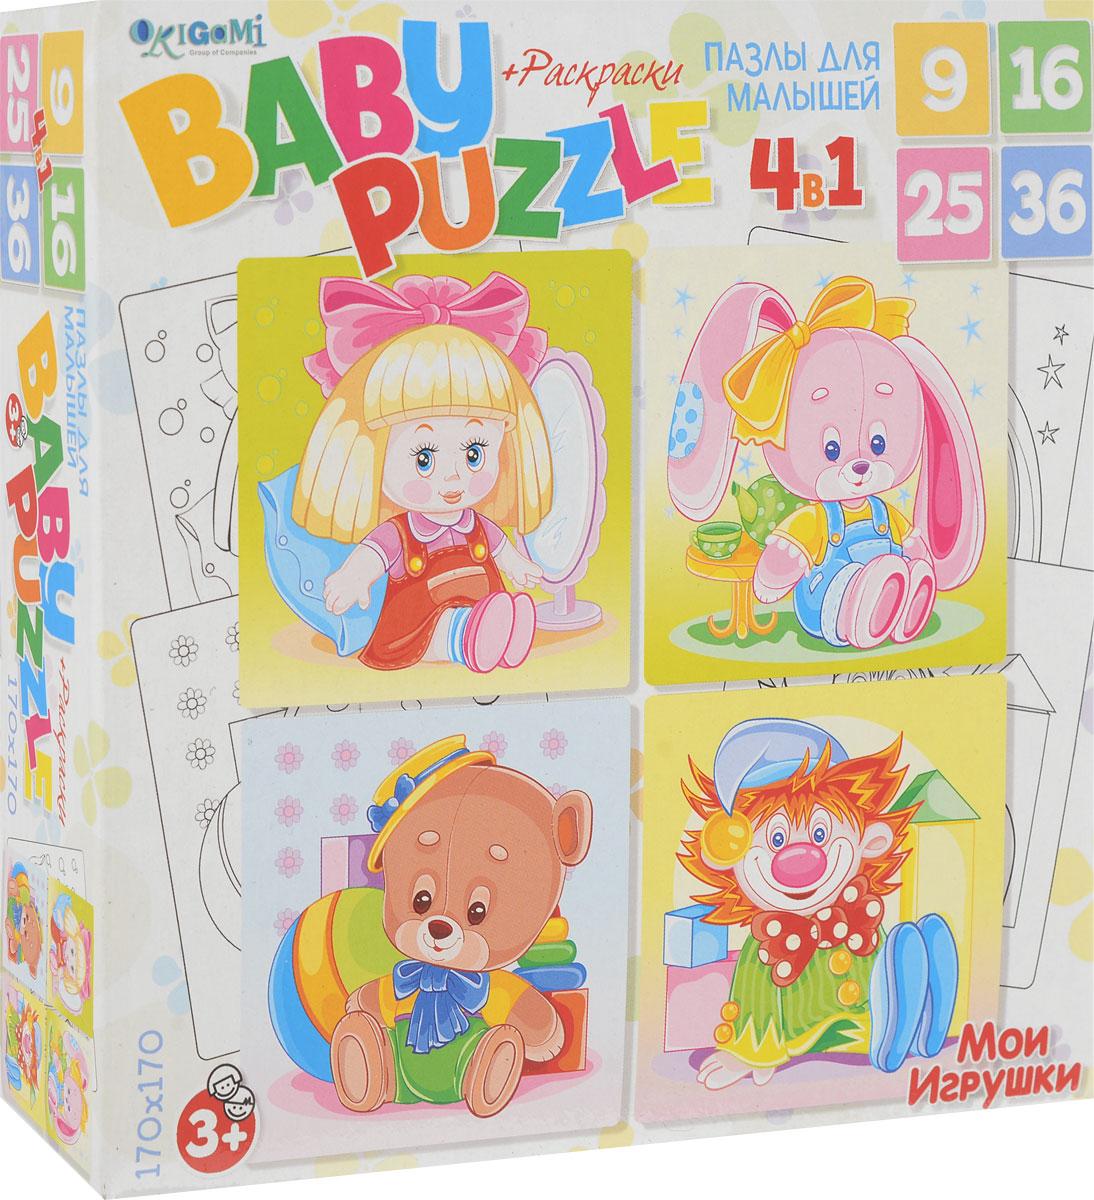 Origami Пазл для малышей Мои игрушки 4 в 1 -